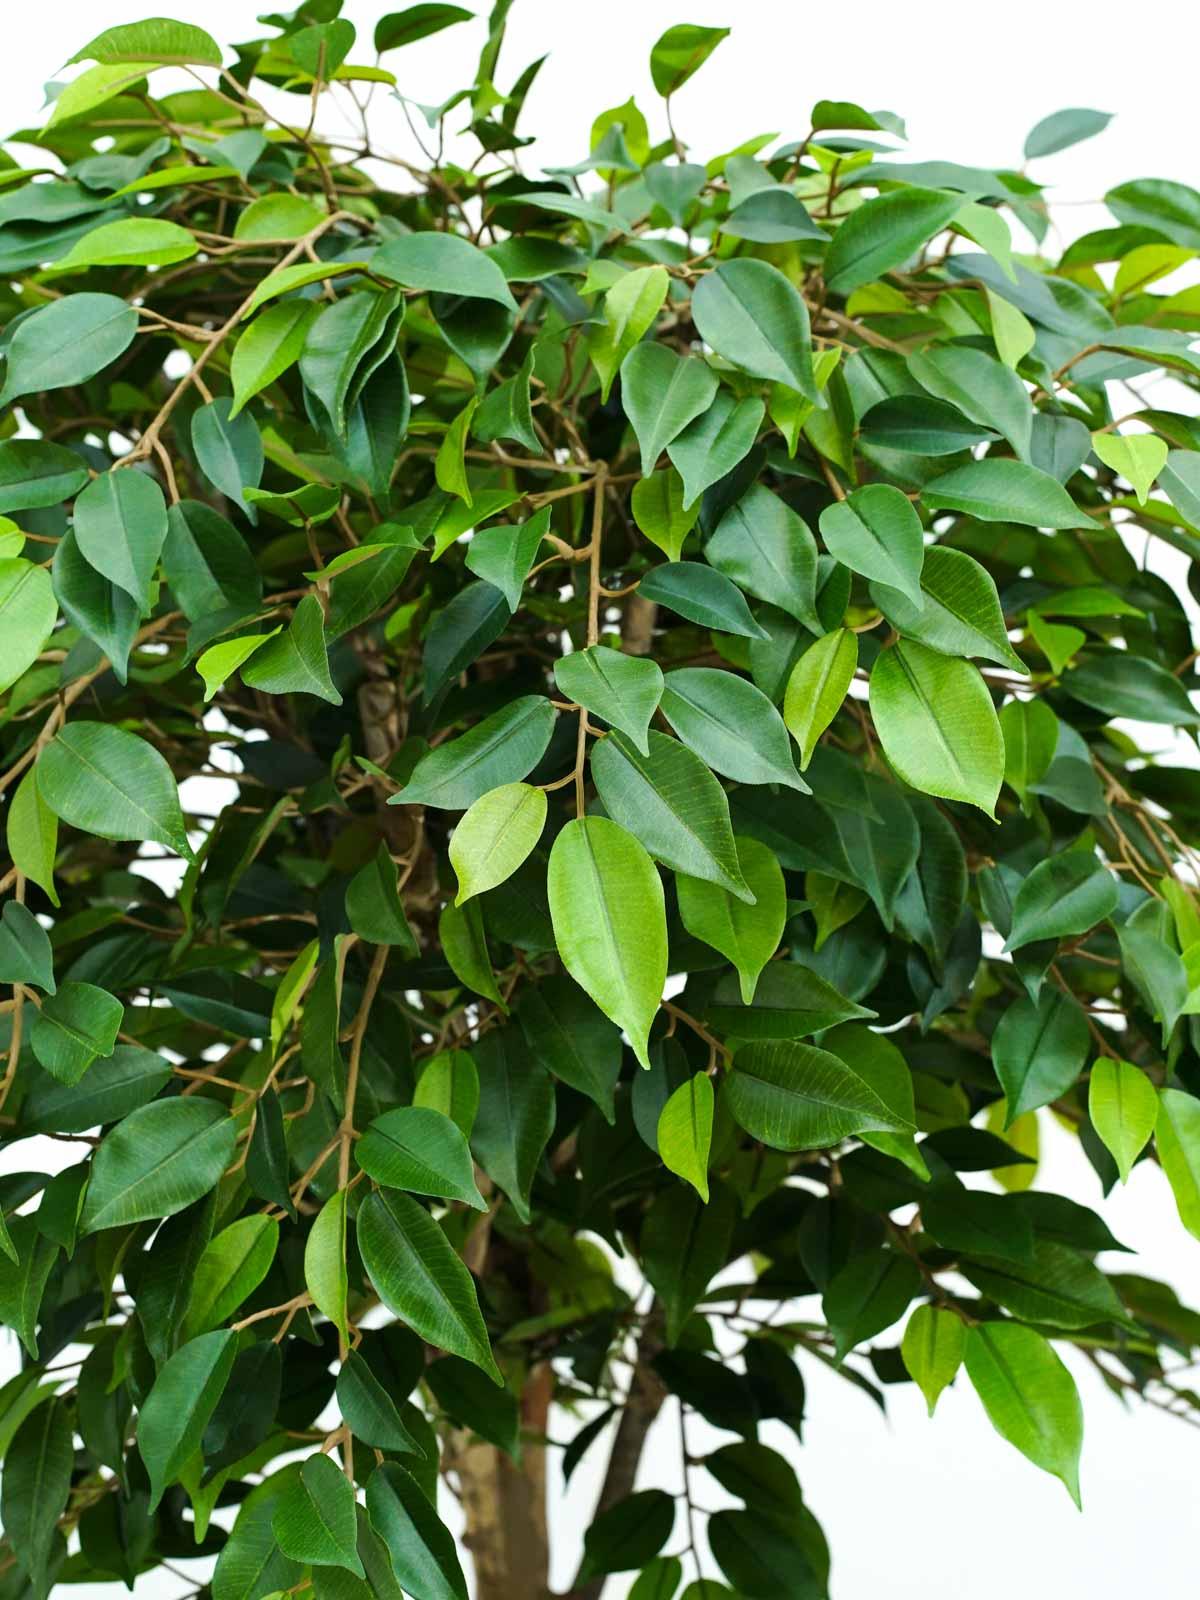 شجرة تين نتاشا ترولبيكال - وسط نباتات اصطناعية أشجار